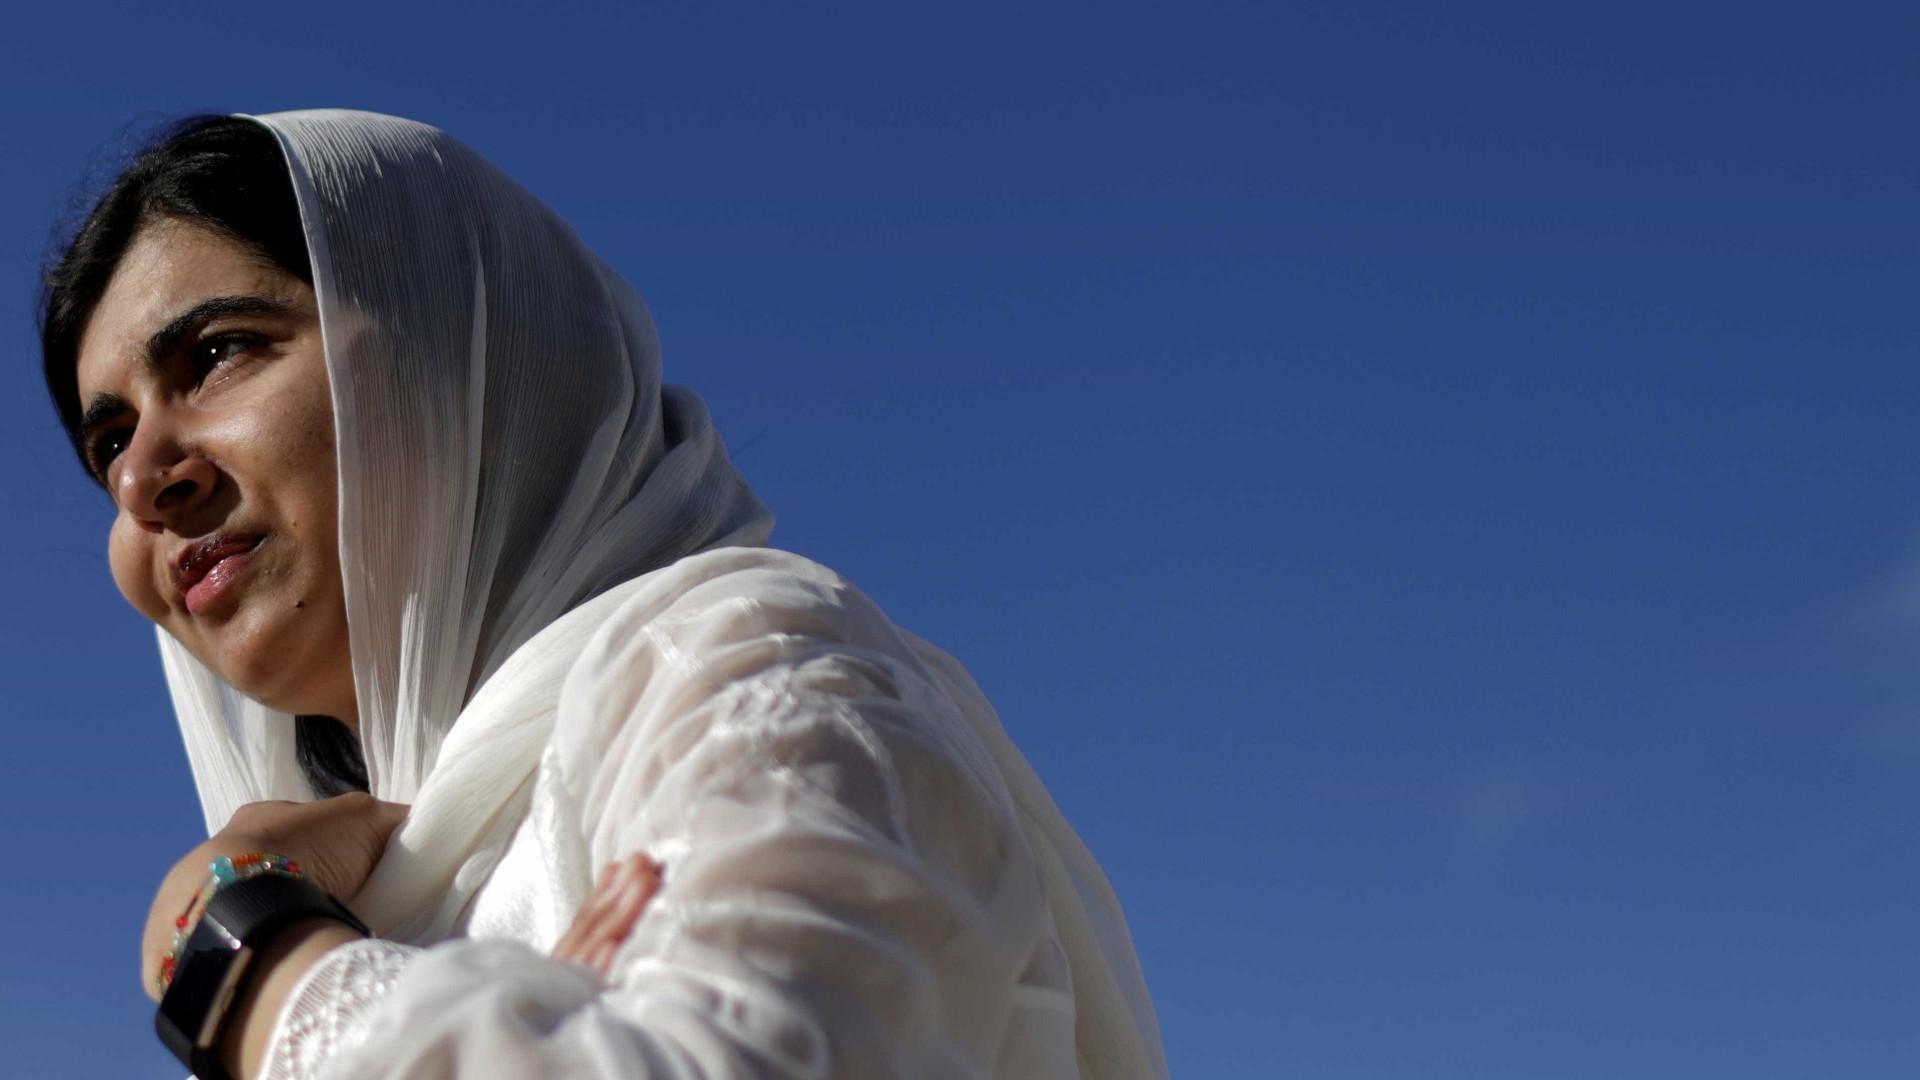 Malala comemora 21º aniversário no Pão de Açúcar